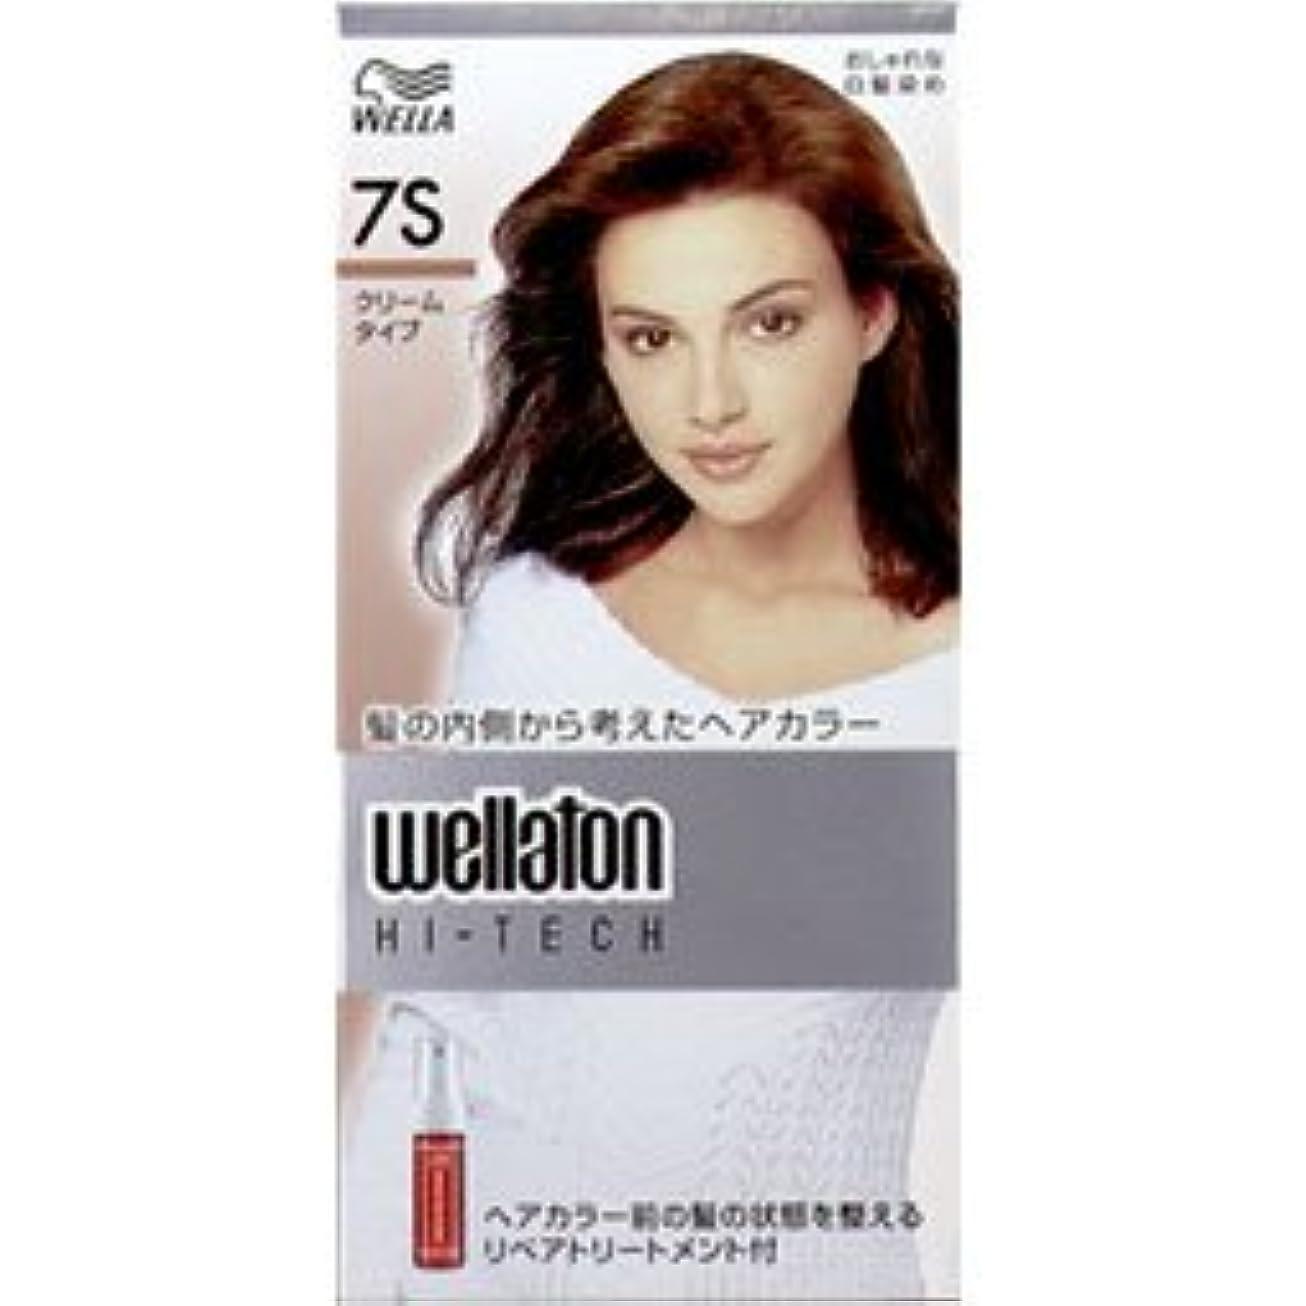 【ヘアケア】P&G ウエラ ウエラトーン ハイテッククリーム 7S 透明感のある明るい栗色 (医薬部外品) 白髪染めヘアカラー(女性用)×24点セット (4902565140602)